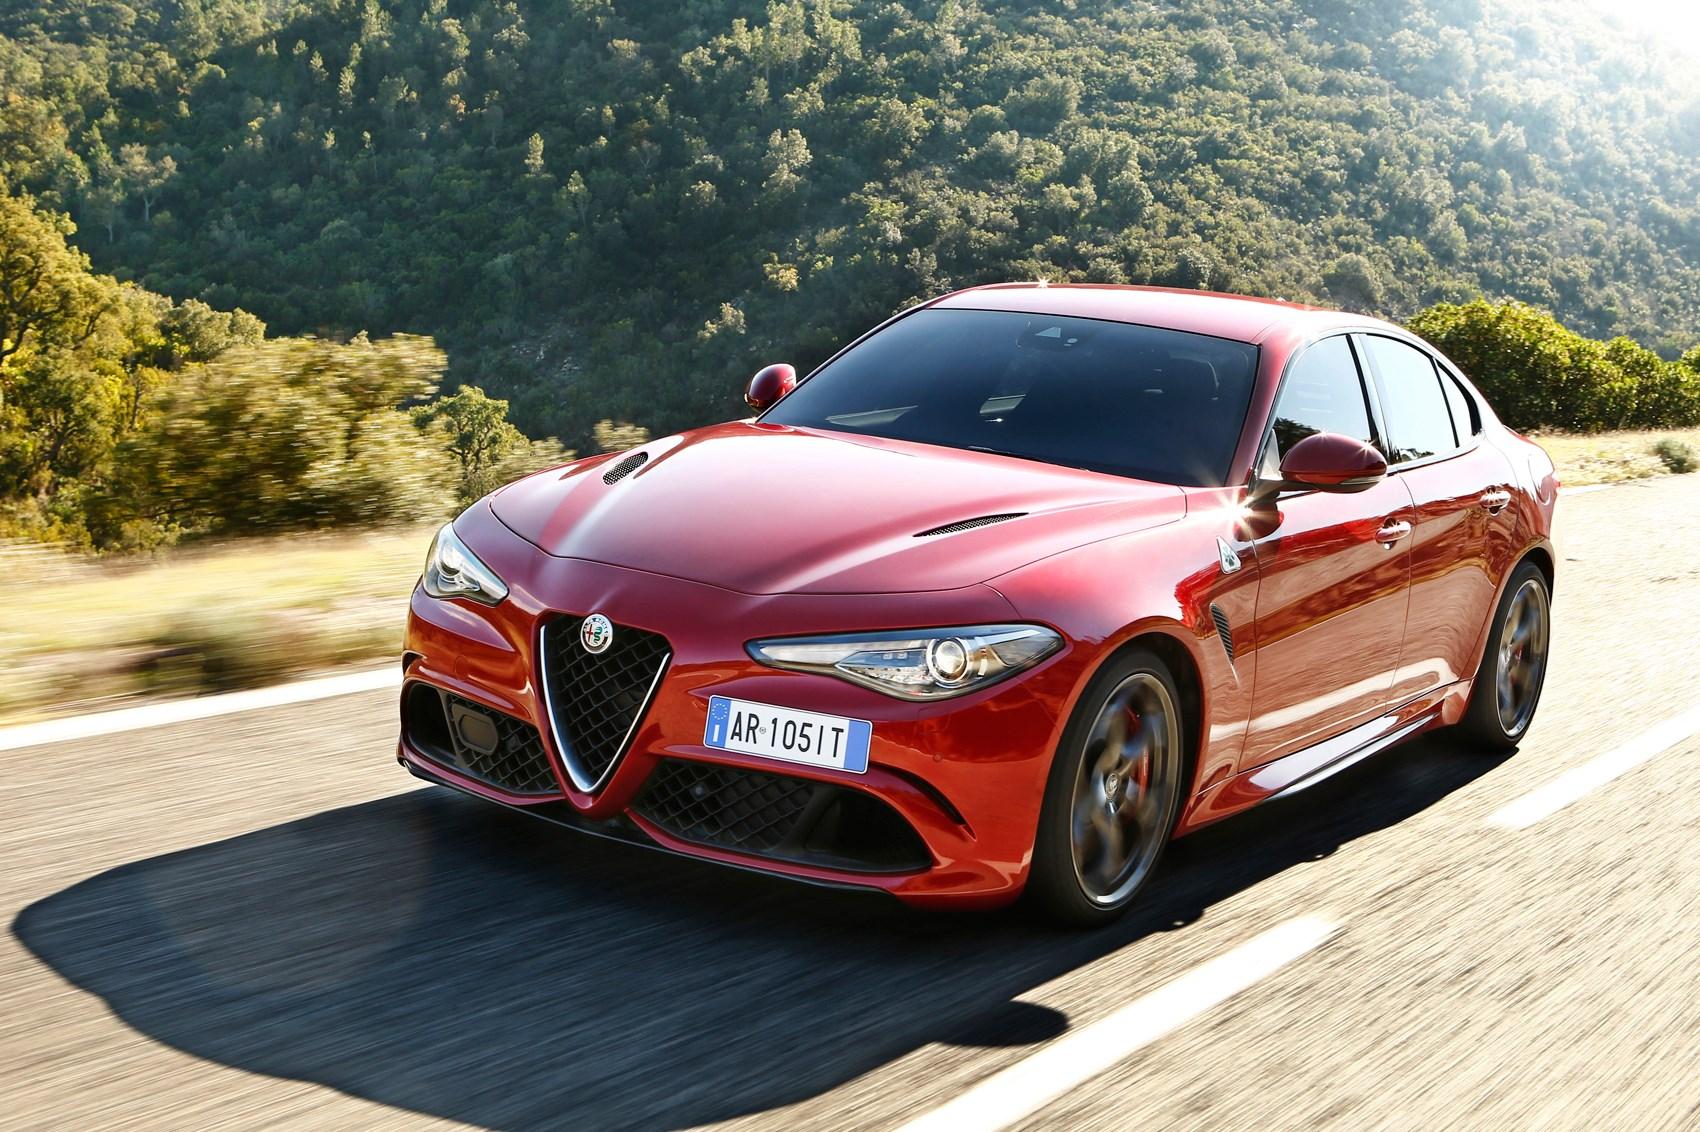 Alfa Romeo Giulia Quadrifoglio 2016 Review